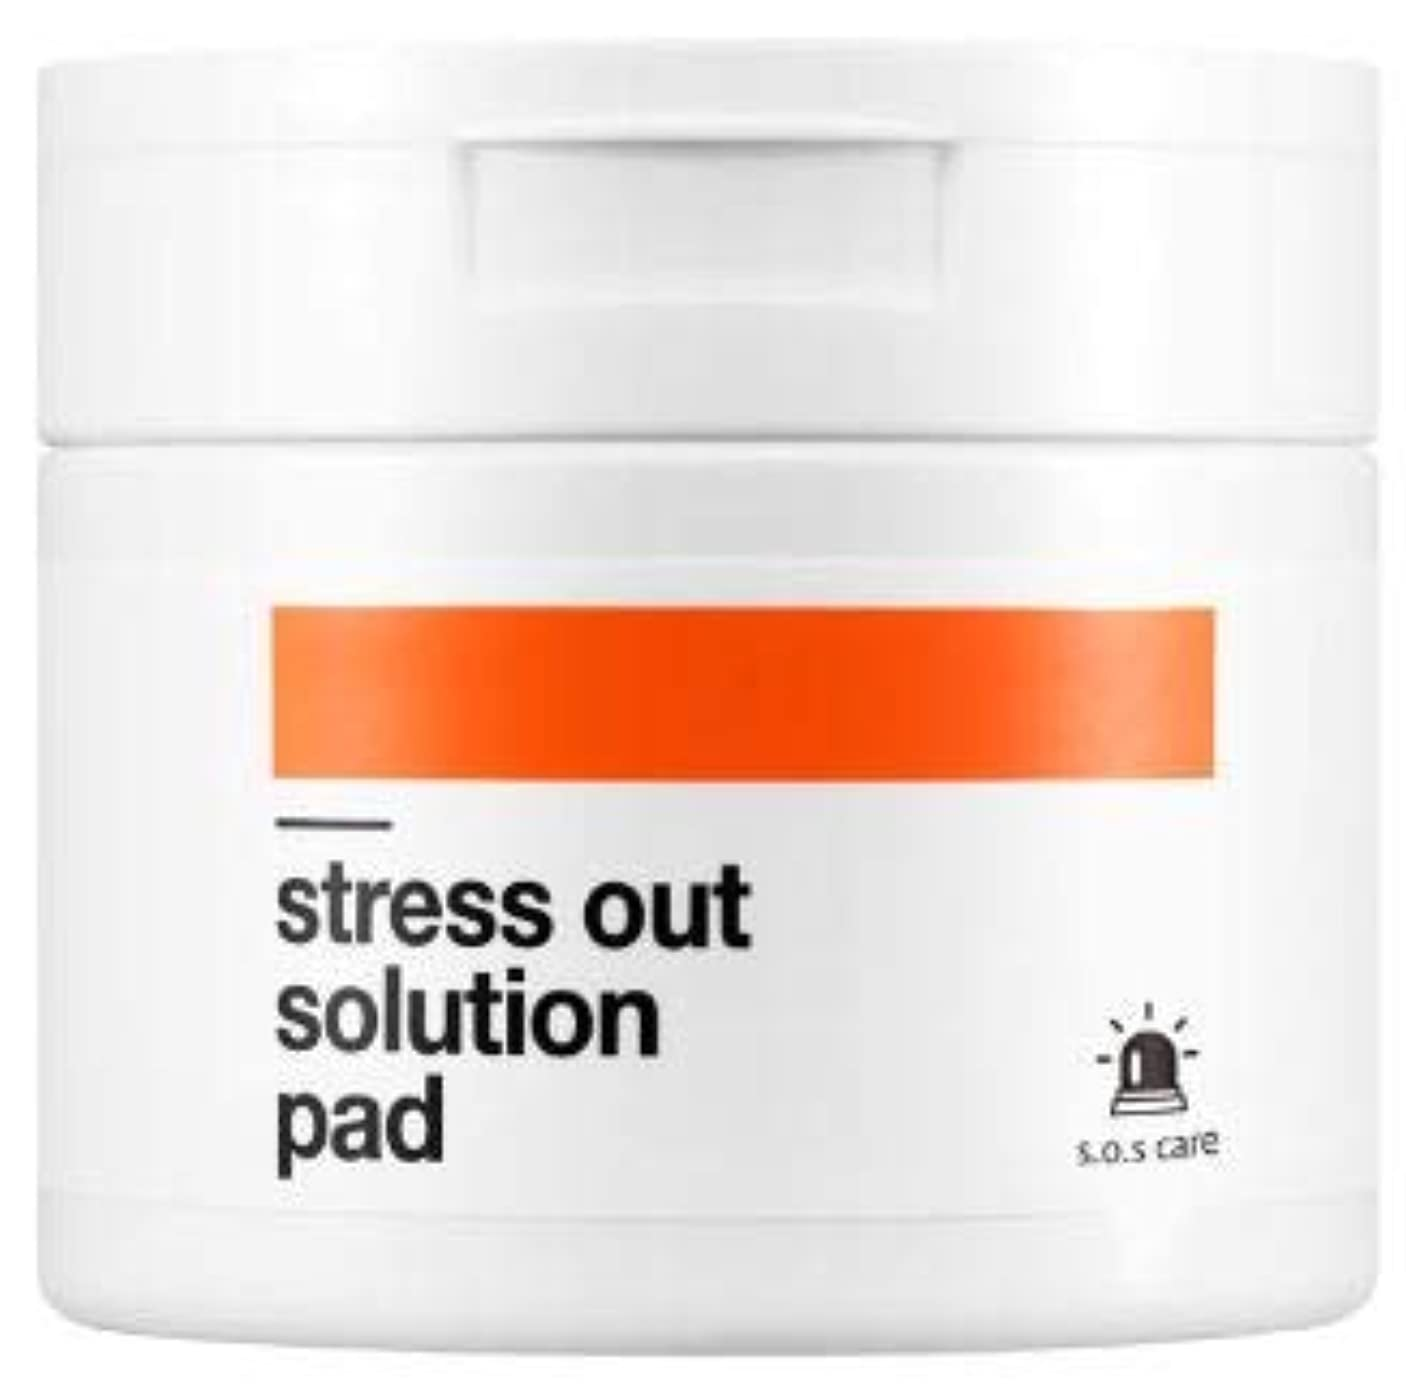 グリーンバック集団ピカリング[BELLAMONSTER]? Stress out solution pad #carrot / [ベラモンスター] ストレスアウト ソリューションパッド#ニンジンパッド [並行輸入品]